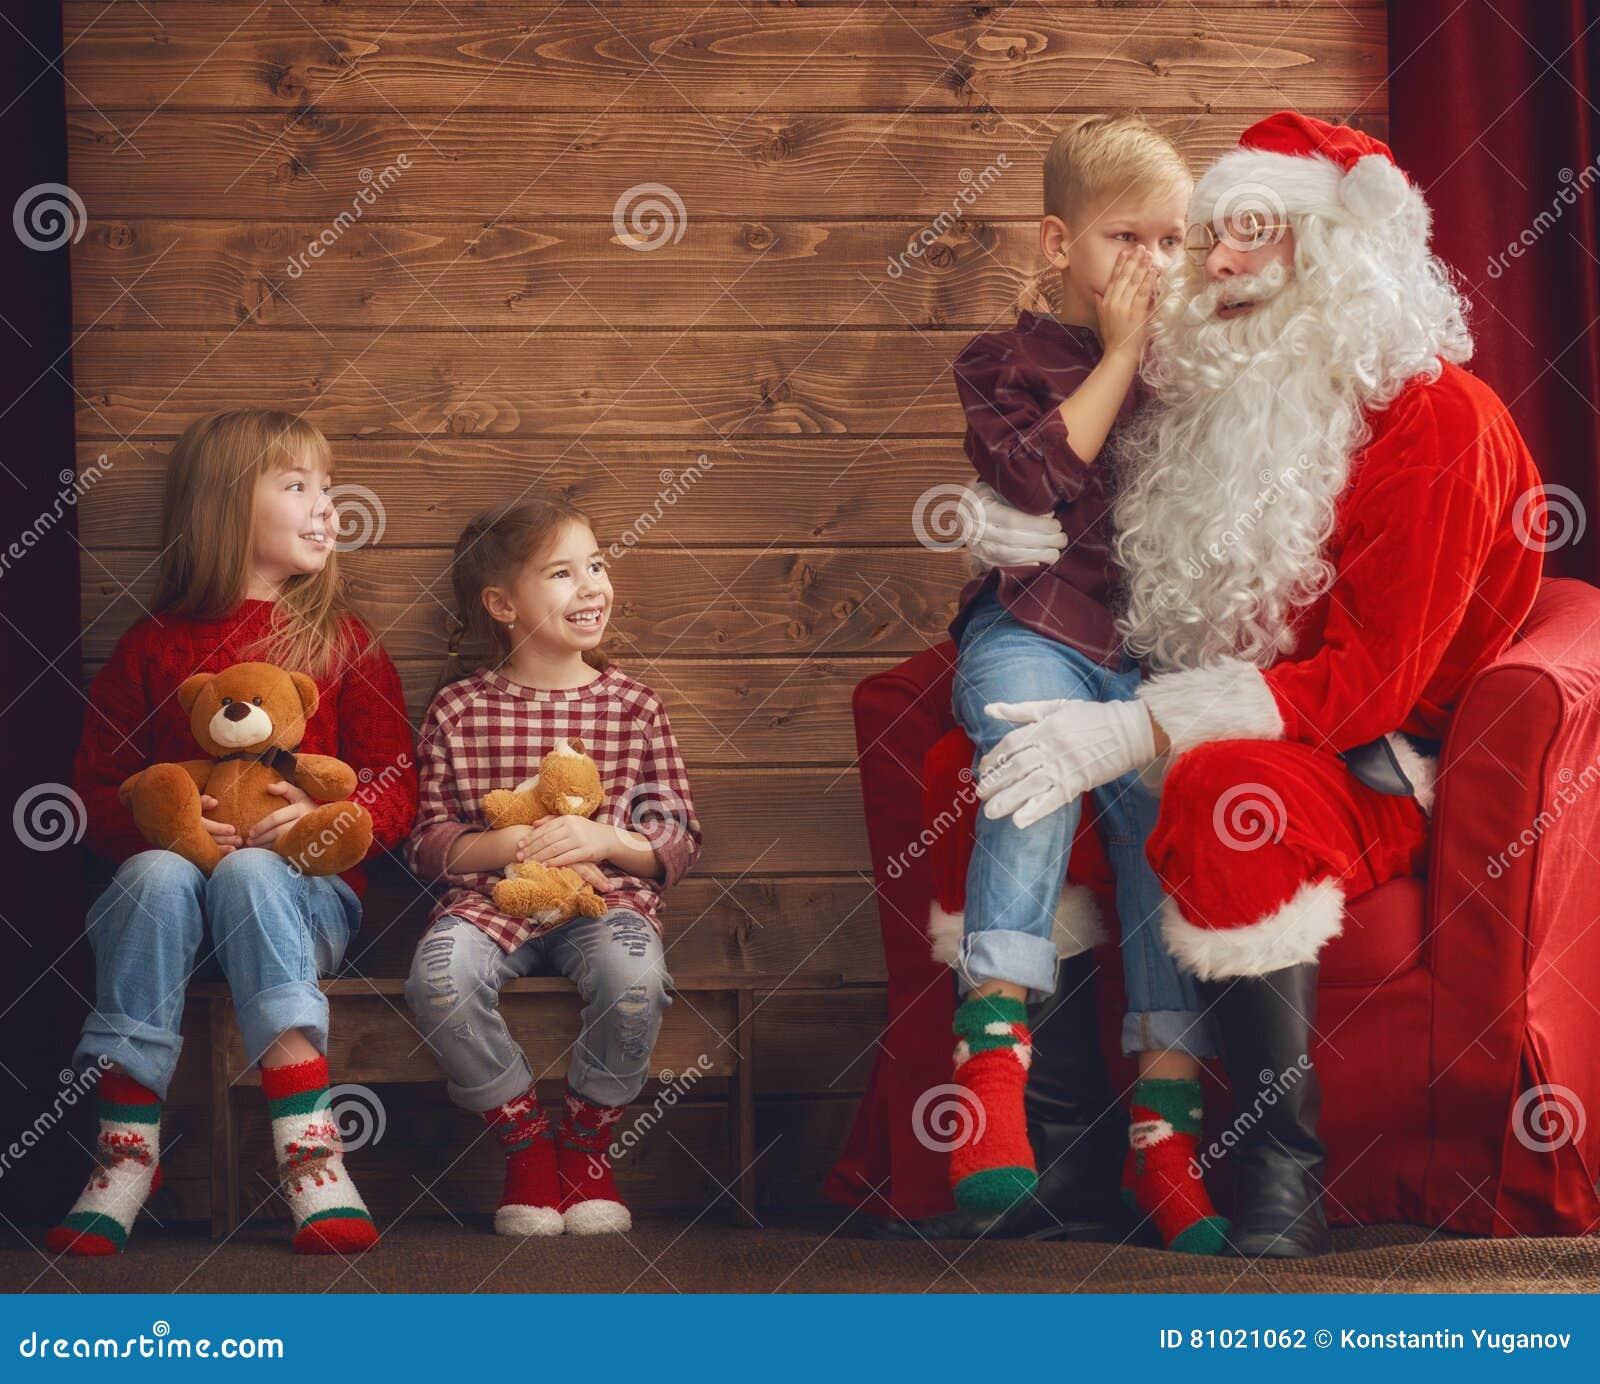 Crianças e Santa Claus